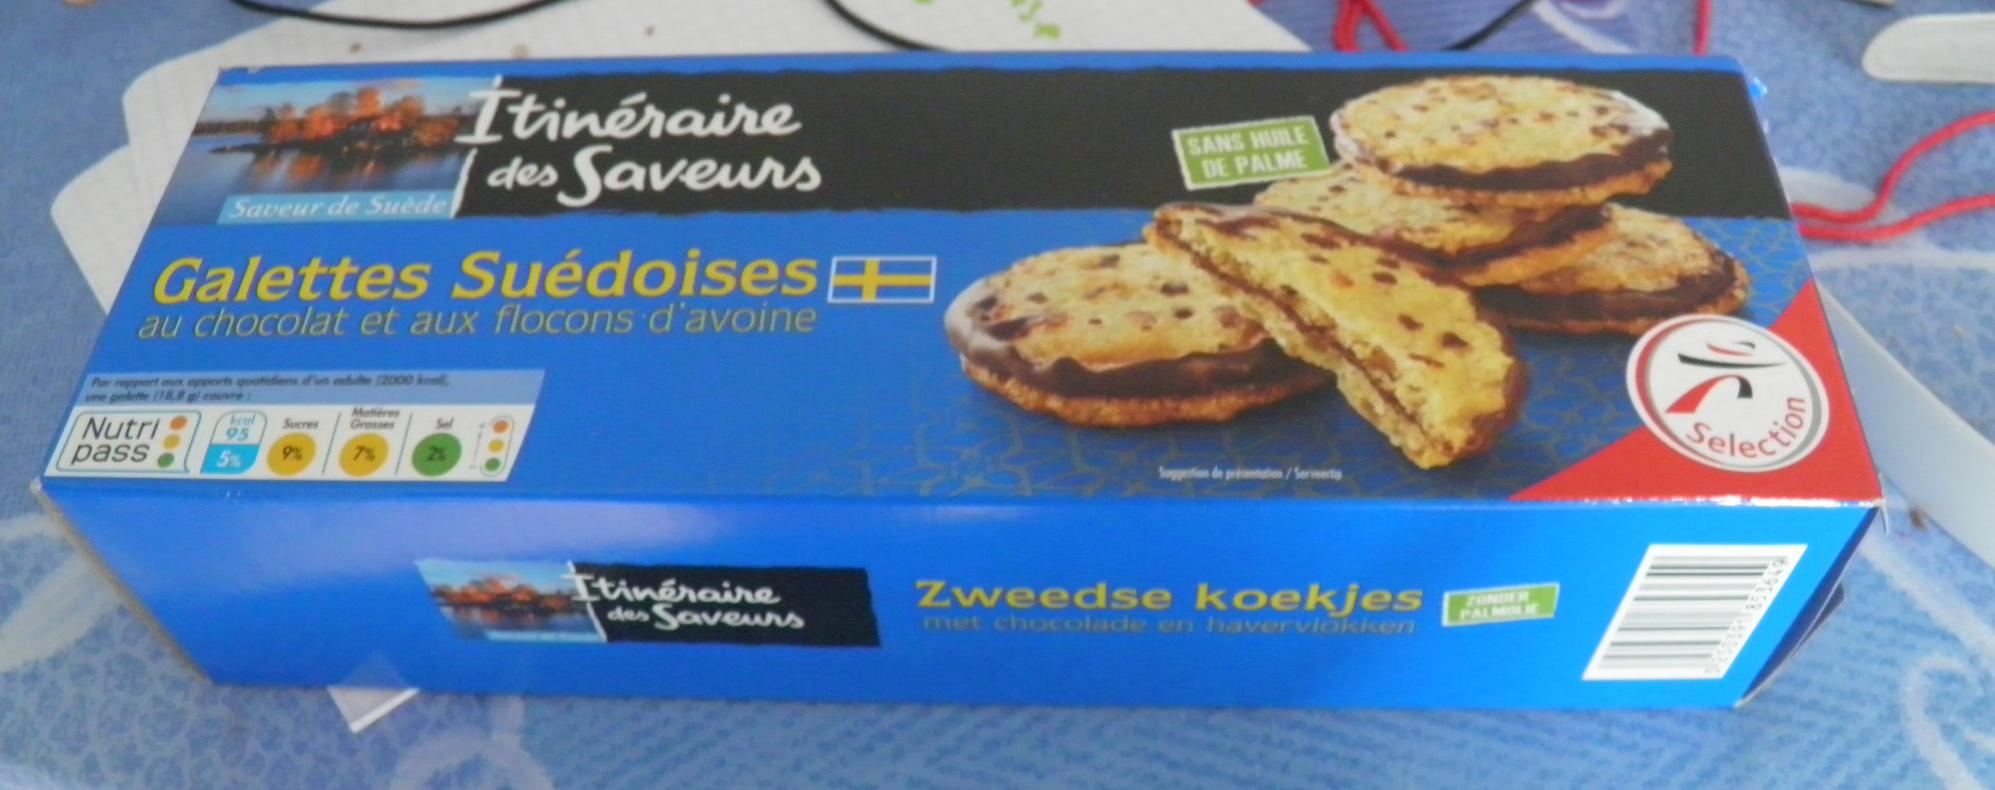 Galettes suédoises au chocolat et aux flocons d'avoine - Produit - fr